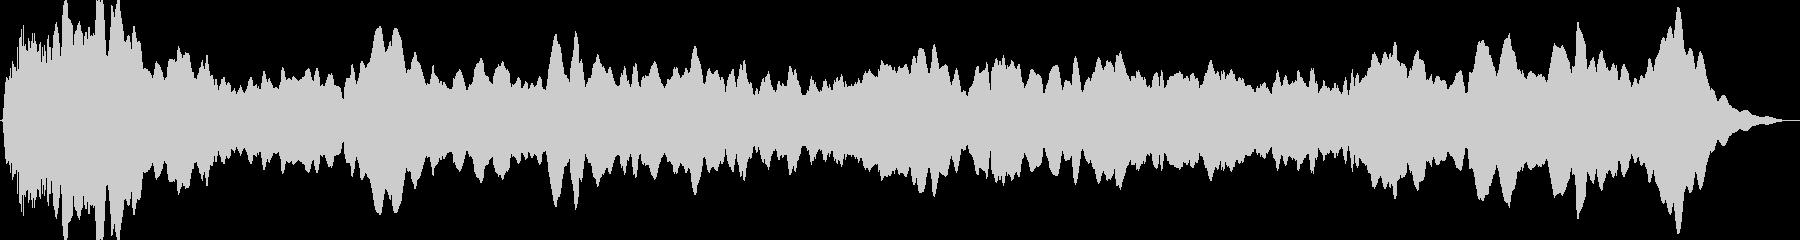 ドローン オルガン01の未再生の波形